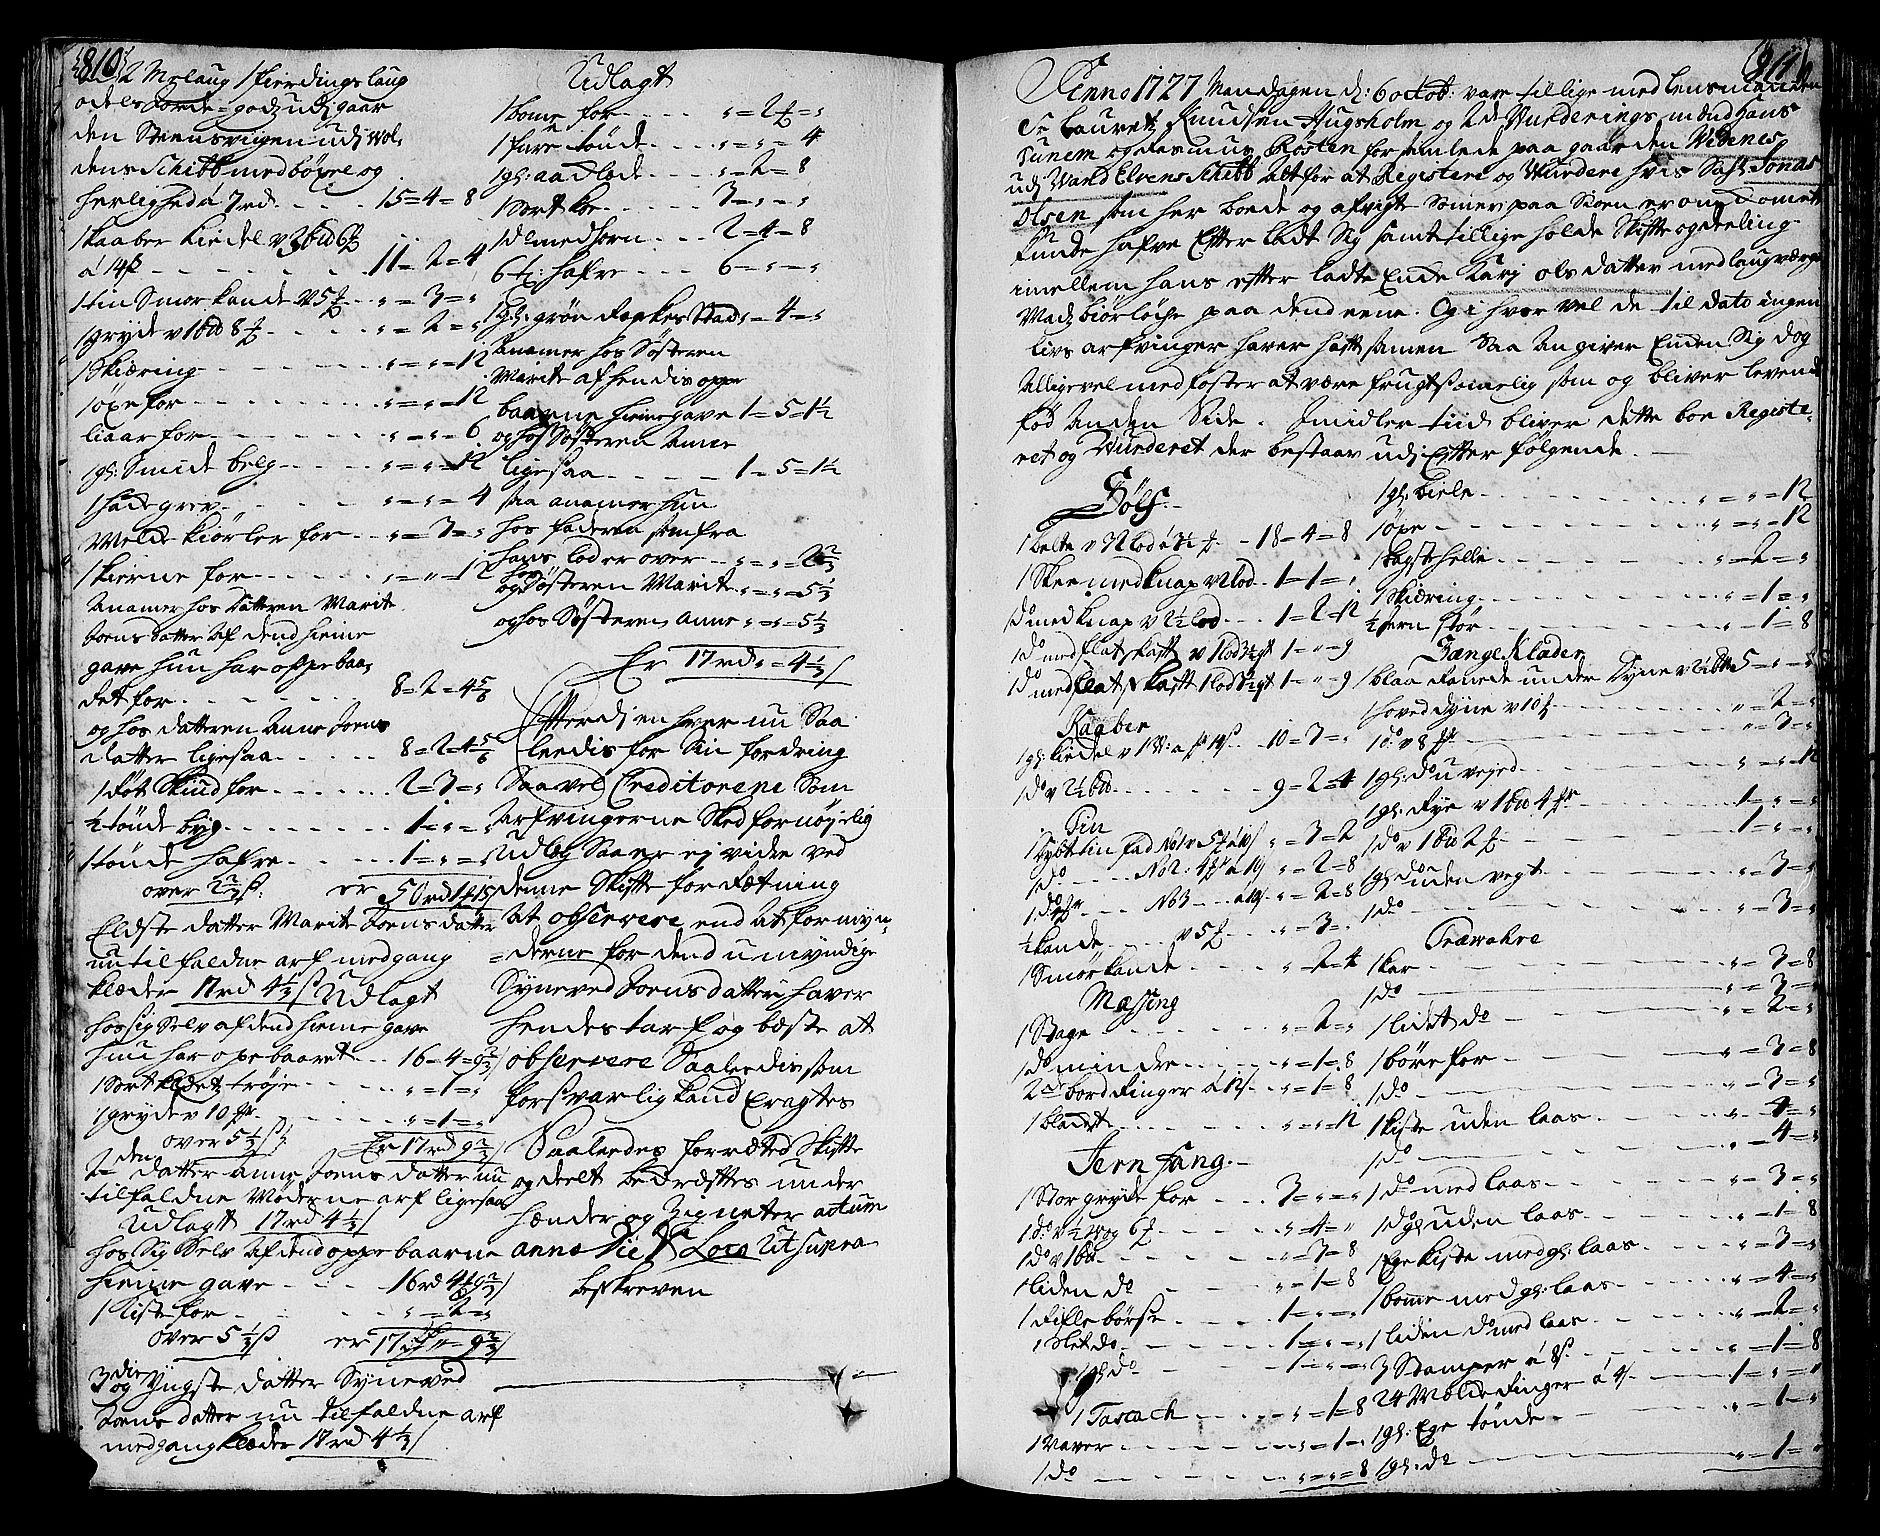 SAT, Sunnmøre sorenskriveri, 3/3A/L0009: Skifteprotokoll 07, 1725-1728, s. 810-811